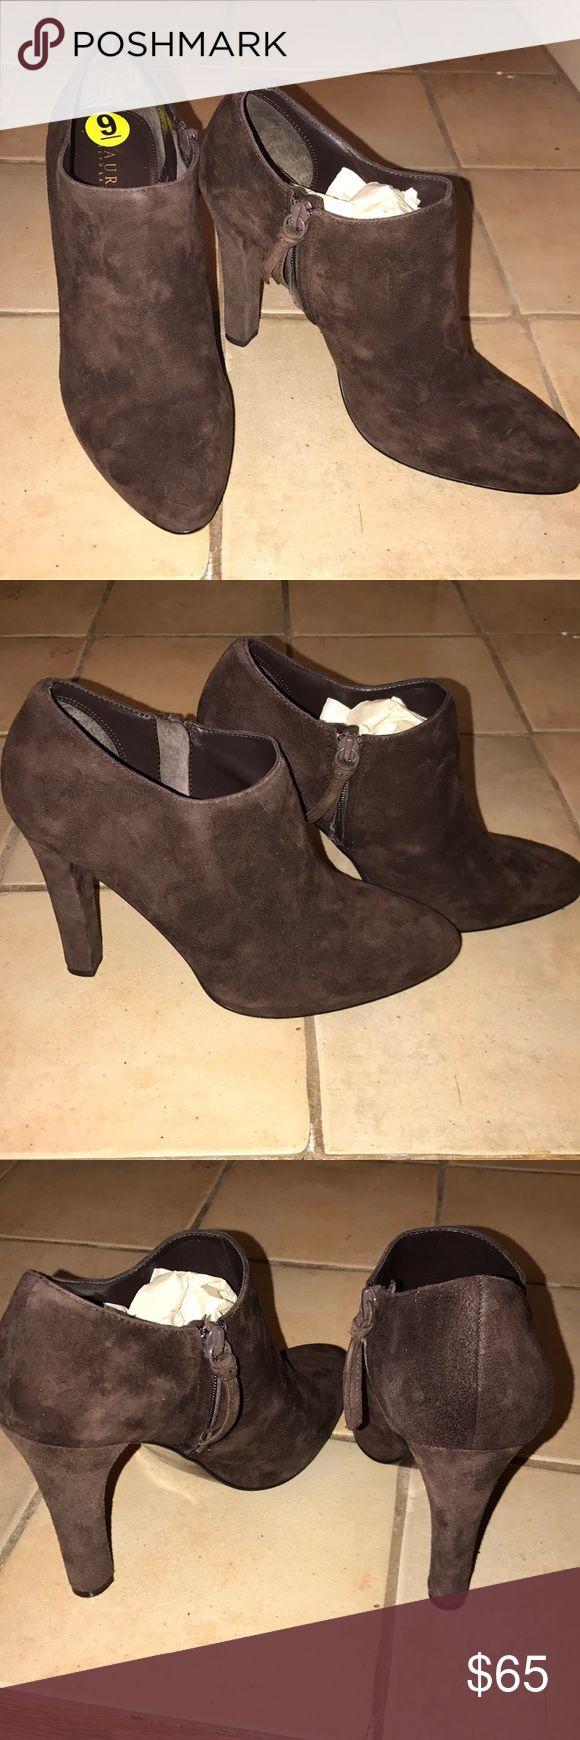 Lauren Ralph Lauren suede heel booties Brand new never worn suede Ralph Lauren heel booties size 9 Lauren Ralph Lauren Shoes Heeled Boots